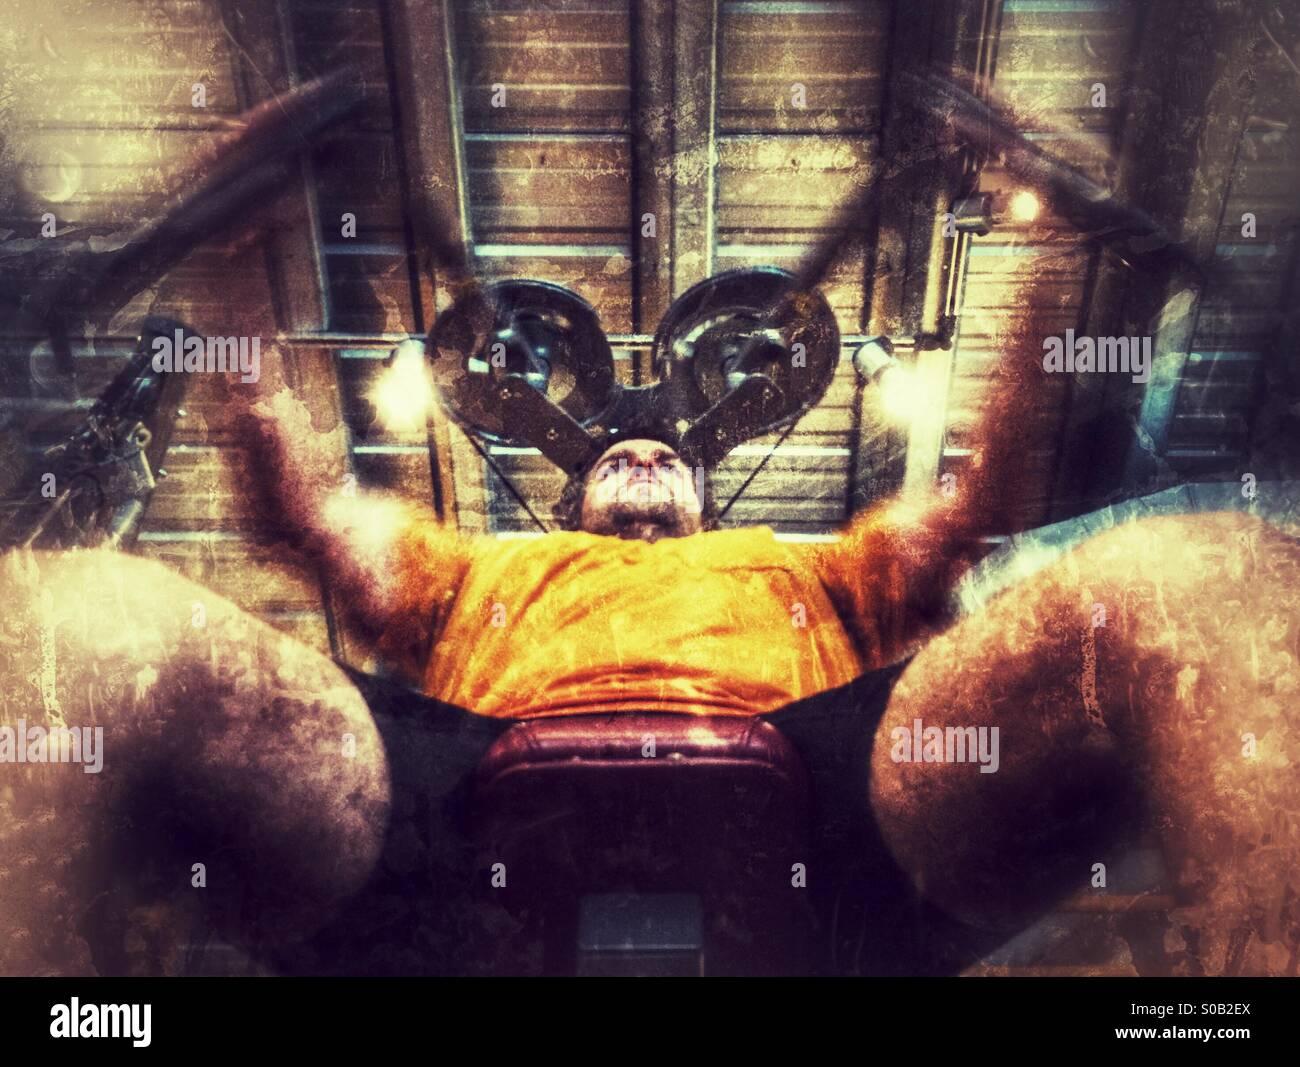 Mittleren gealterten kaukasischen Mann arbeiten auf eine Brust Fliege / butterfly Maschine in ein Fitness-Studio. Stockbild